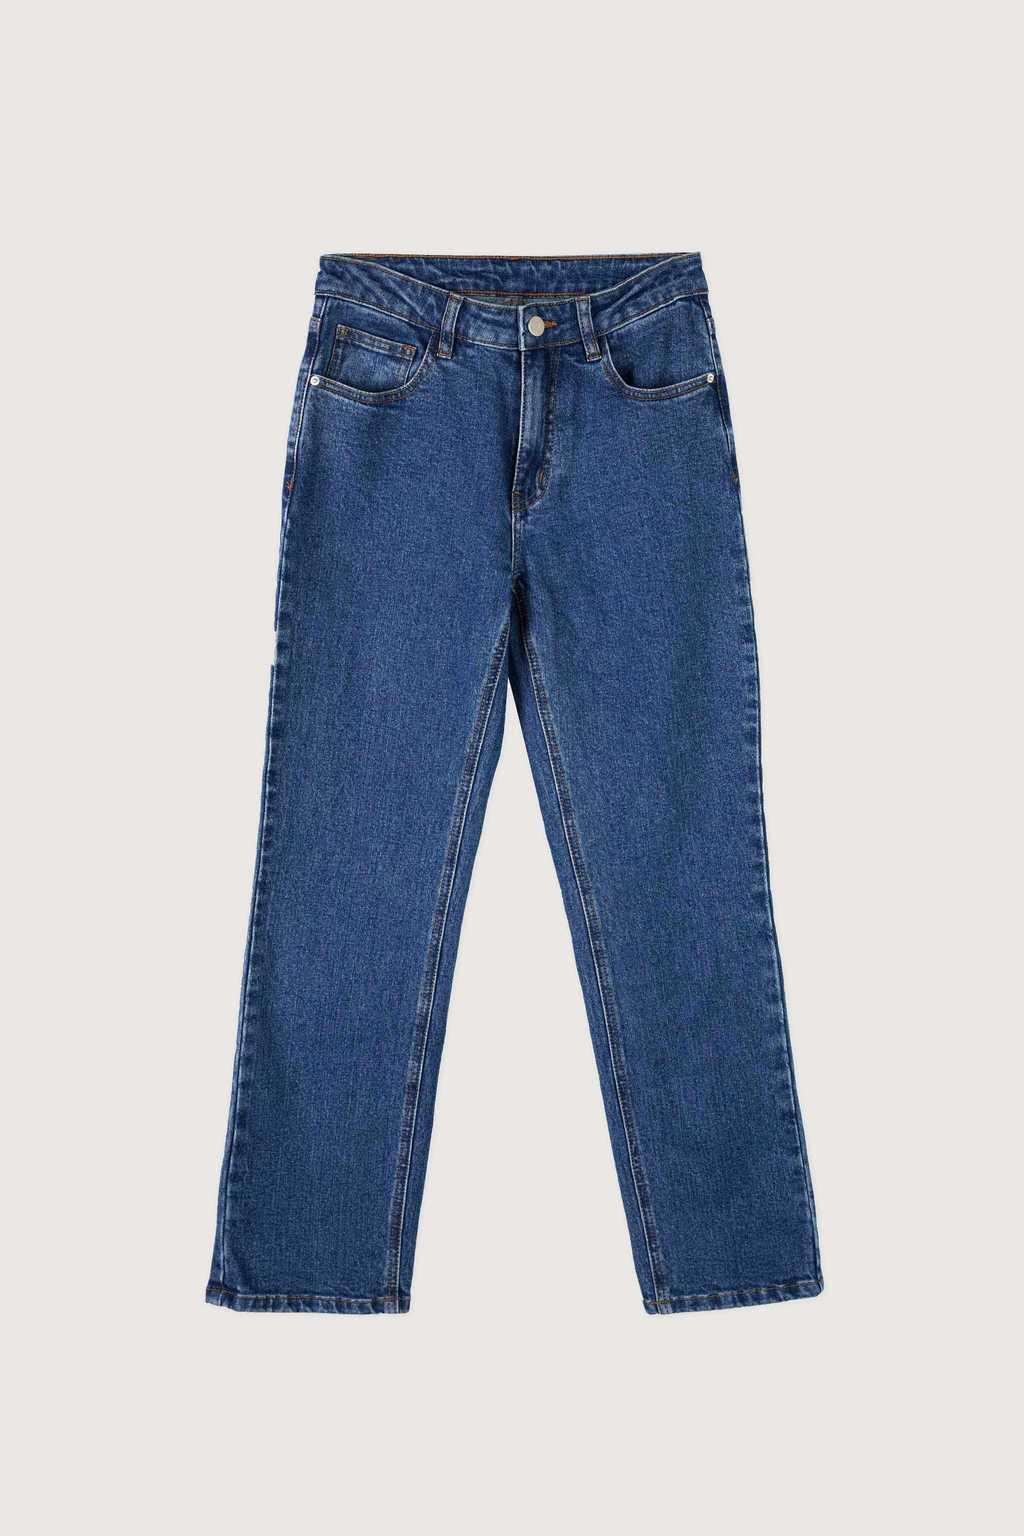 Jean 3620 Blue 8